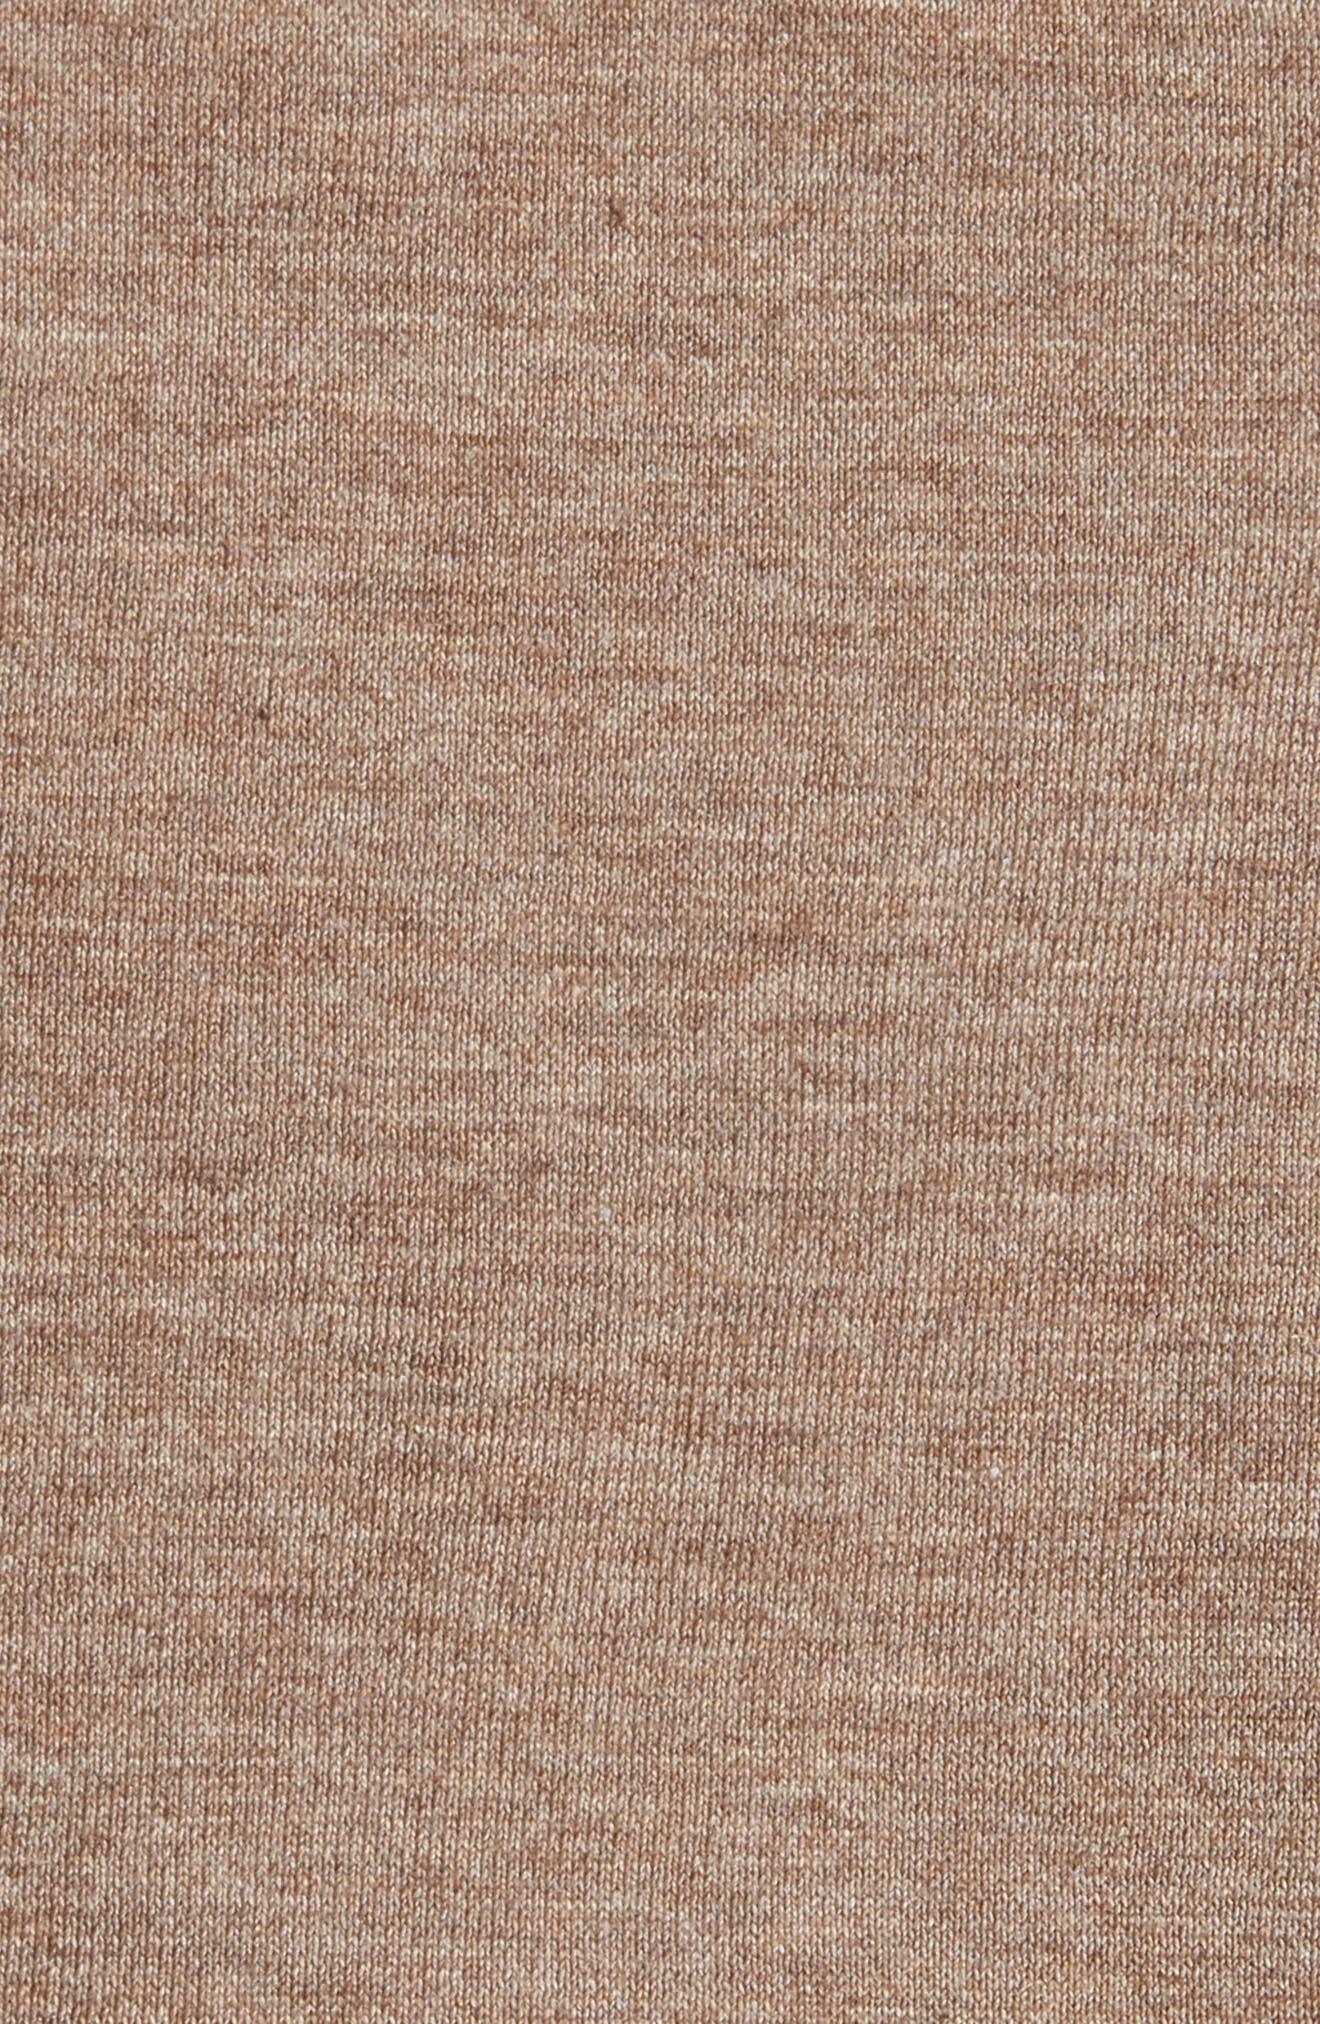 Alternate Image 3  - Calvin Klein Home Cotton & Modal Jersey Pillowcases